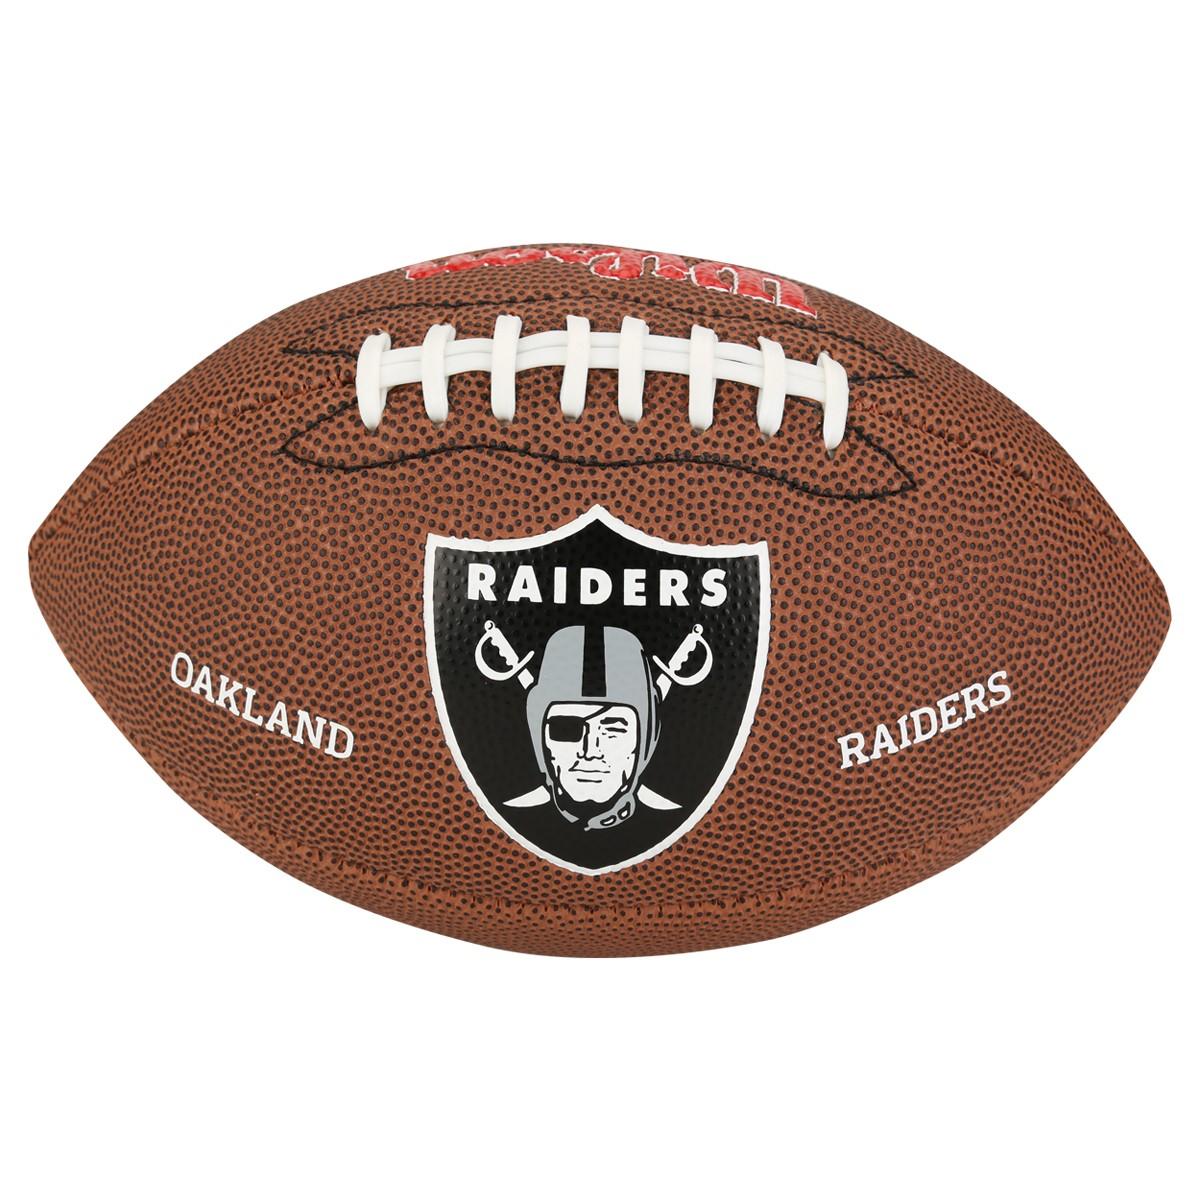 ... Bola de Futebol Americano Wilson Oakland Raiders. Passe o mouse para ver  detalhes f60c66078fcfe